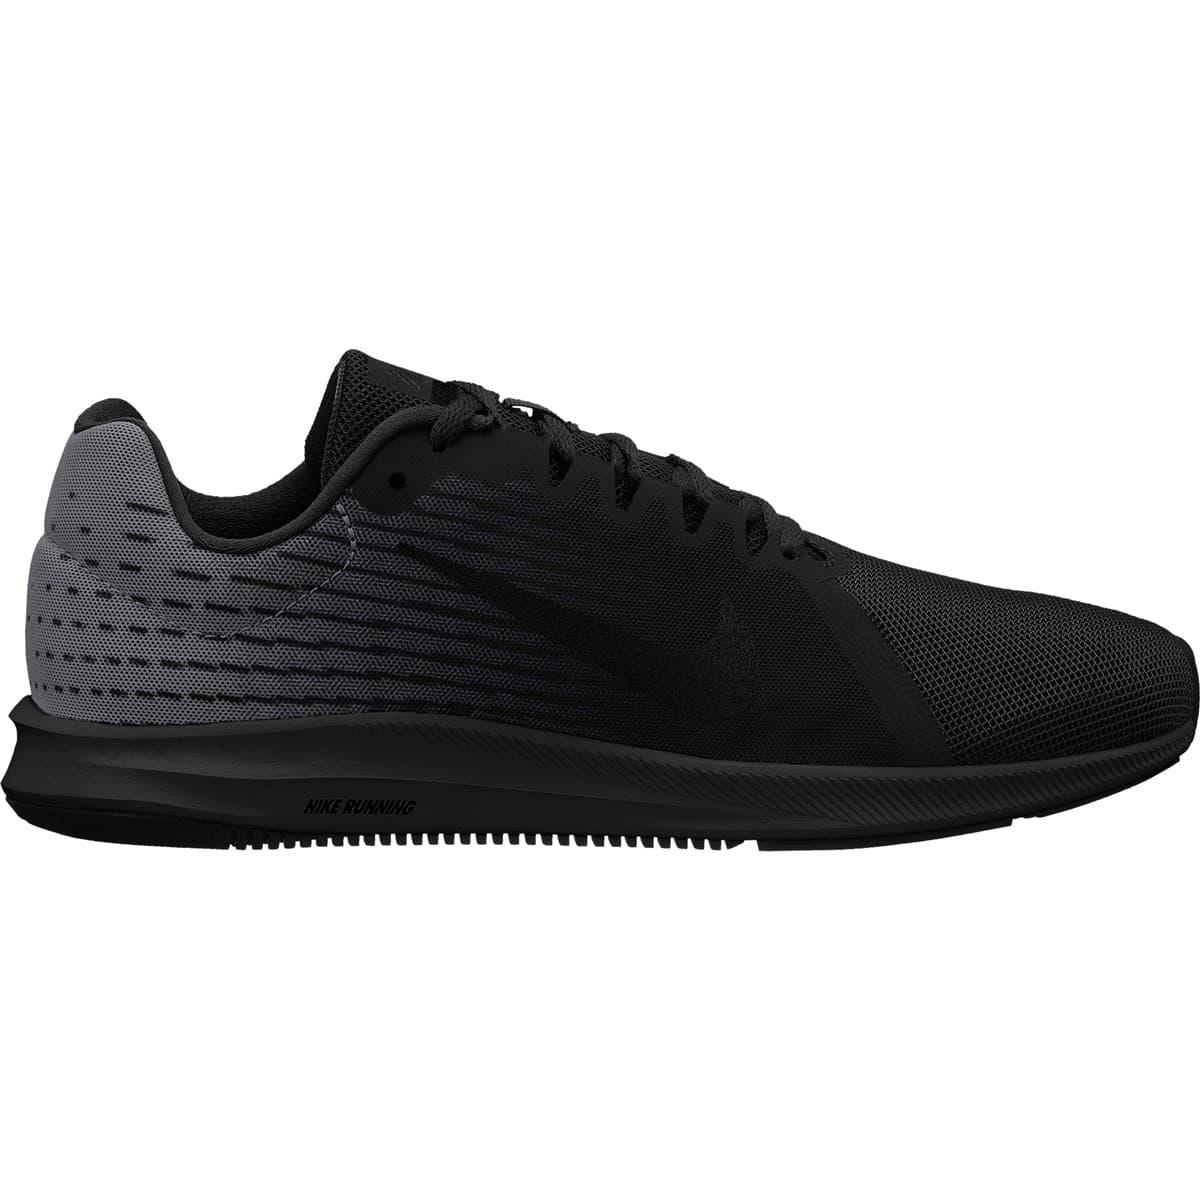 Downshifter 8 Erkek Siyah Koşu Ayakkabısı (908984-002)